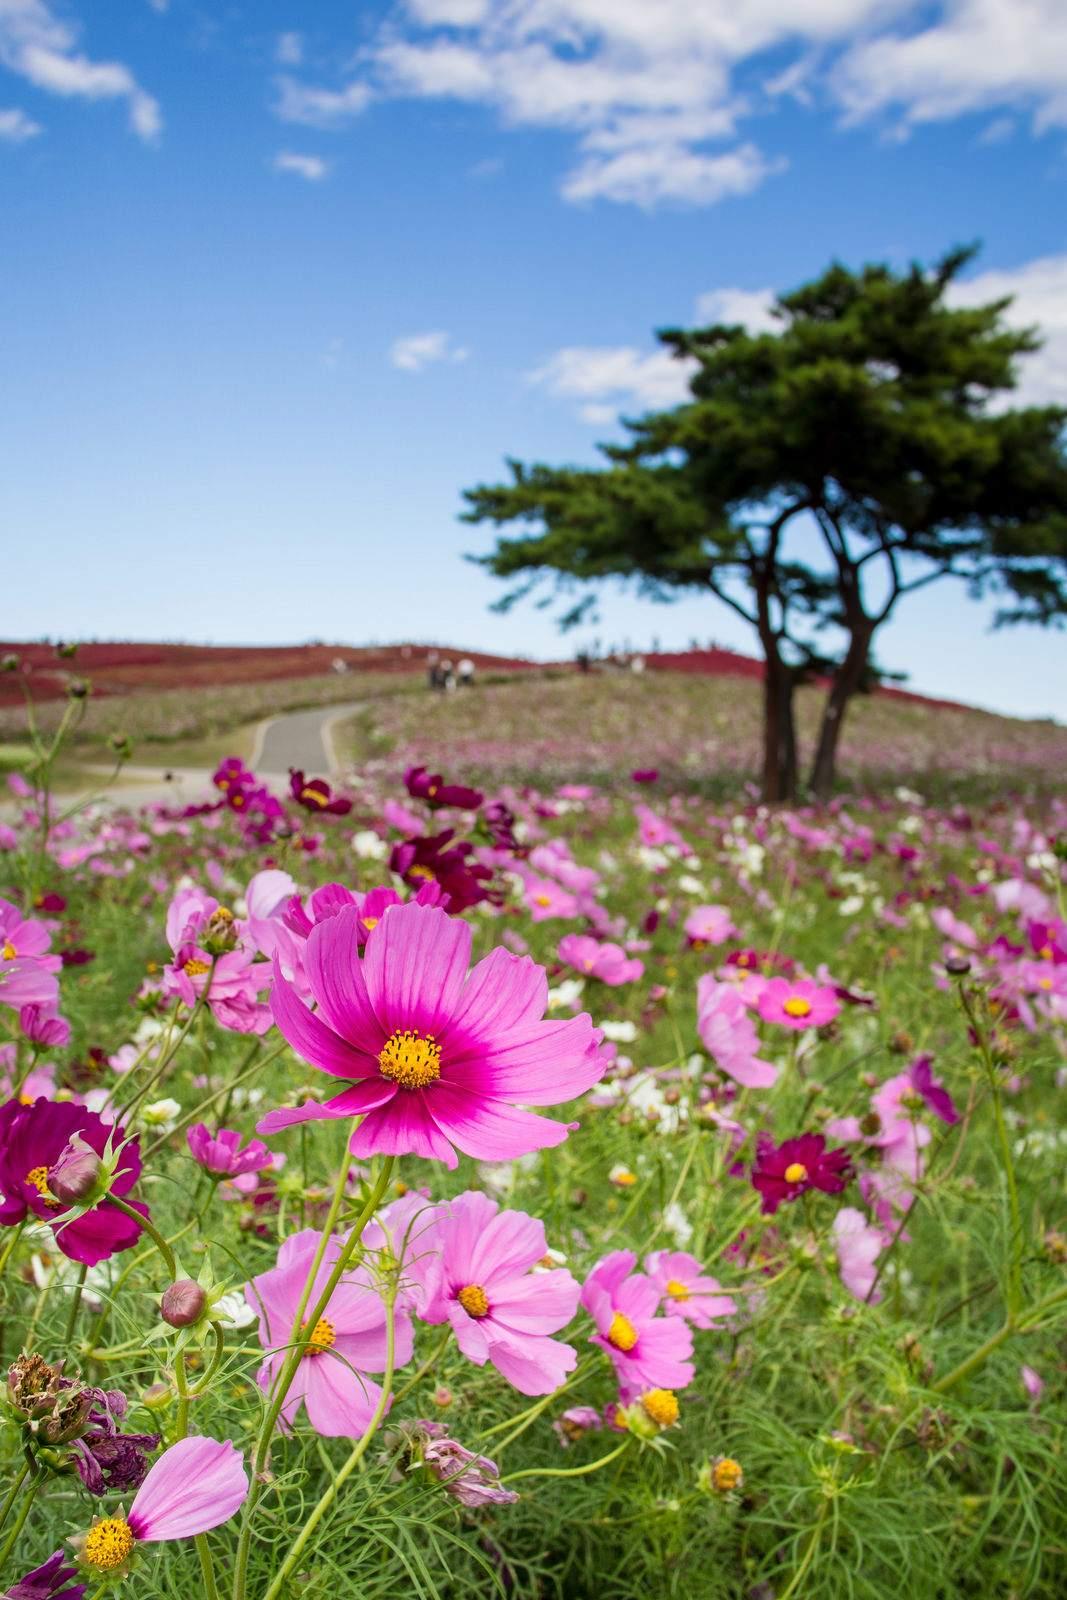 hitachi seaside park6 Hitachi Seaside Park, Hitachinaka, Japan